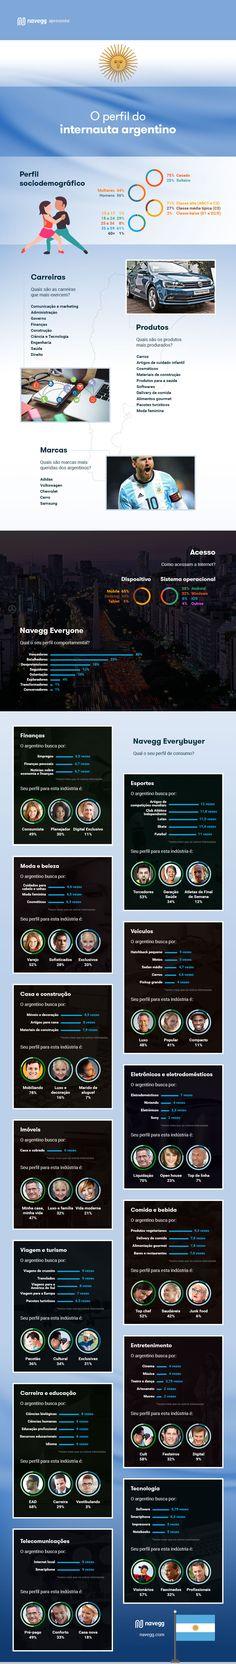 """A Navegg usou o conhecimento que possui sobre mais de 25 milhões de """"hermanos"""" para traçar o perfil do internauta argentino."""